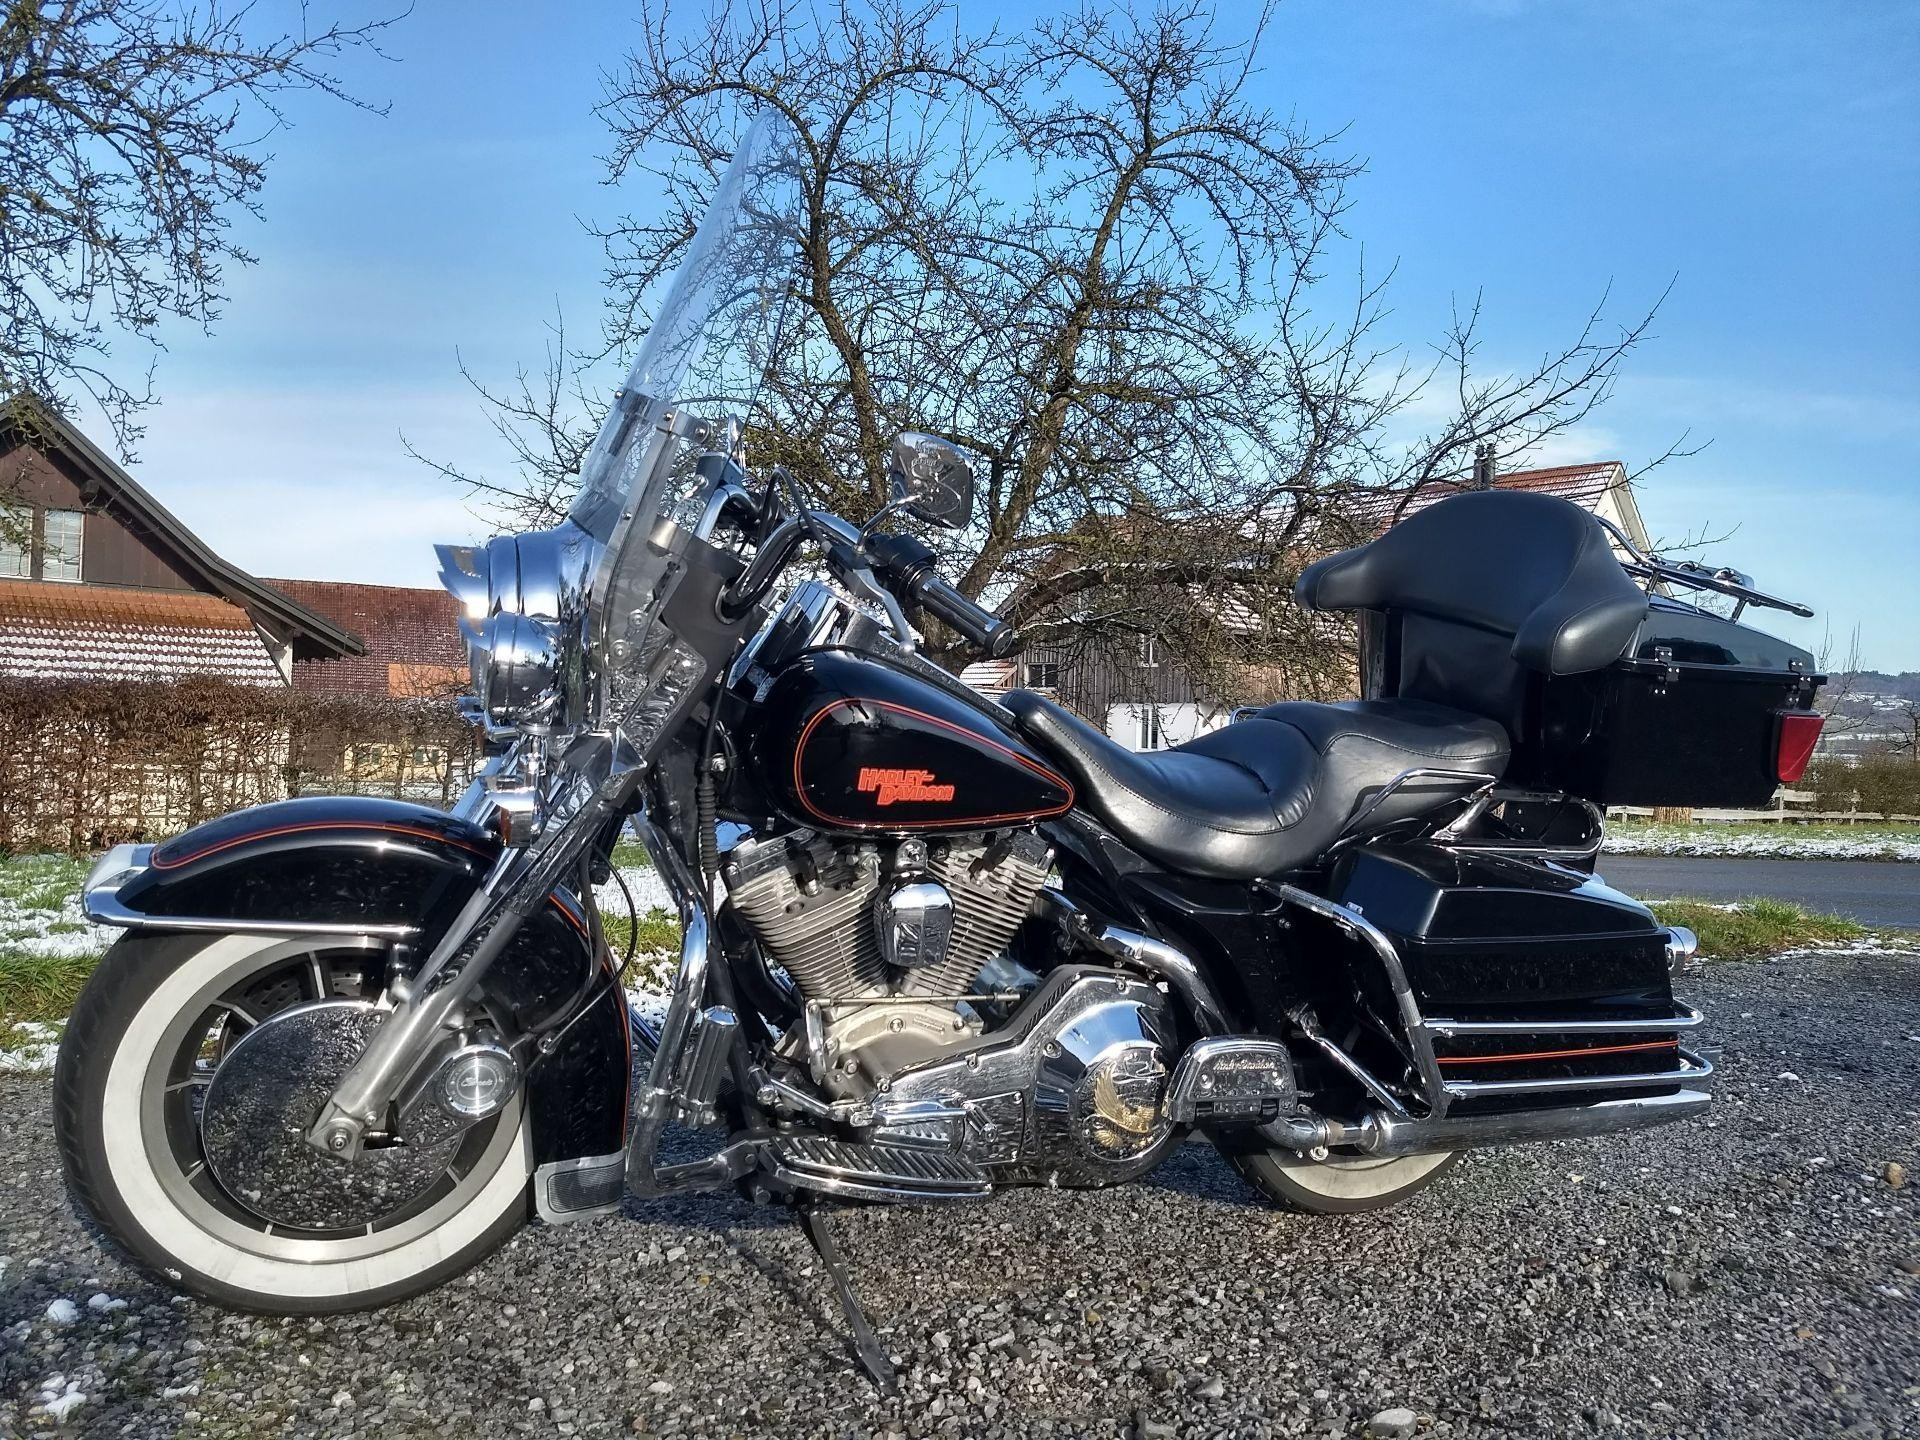 motorrad occasion kaufen harley davidson flhs 1340 electra glide sven cycles waltalingen. Black Bedroom Furniture Sets. Home Design Ideas